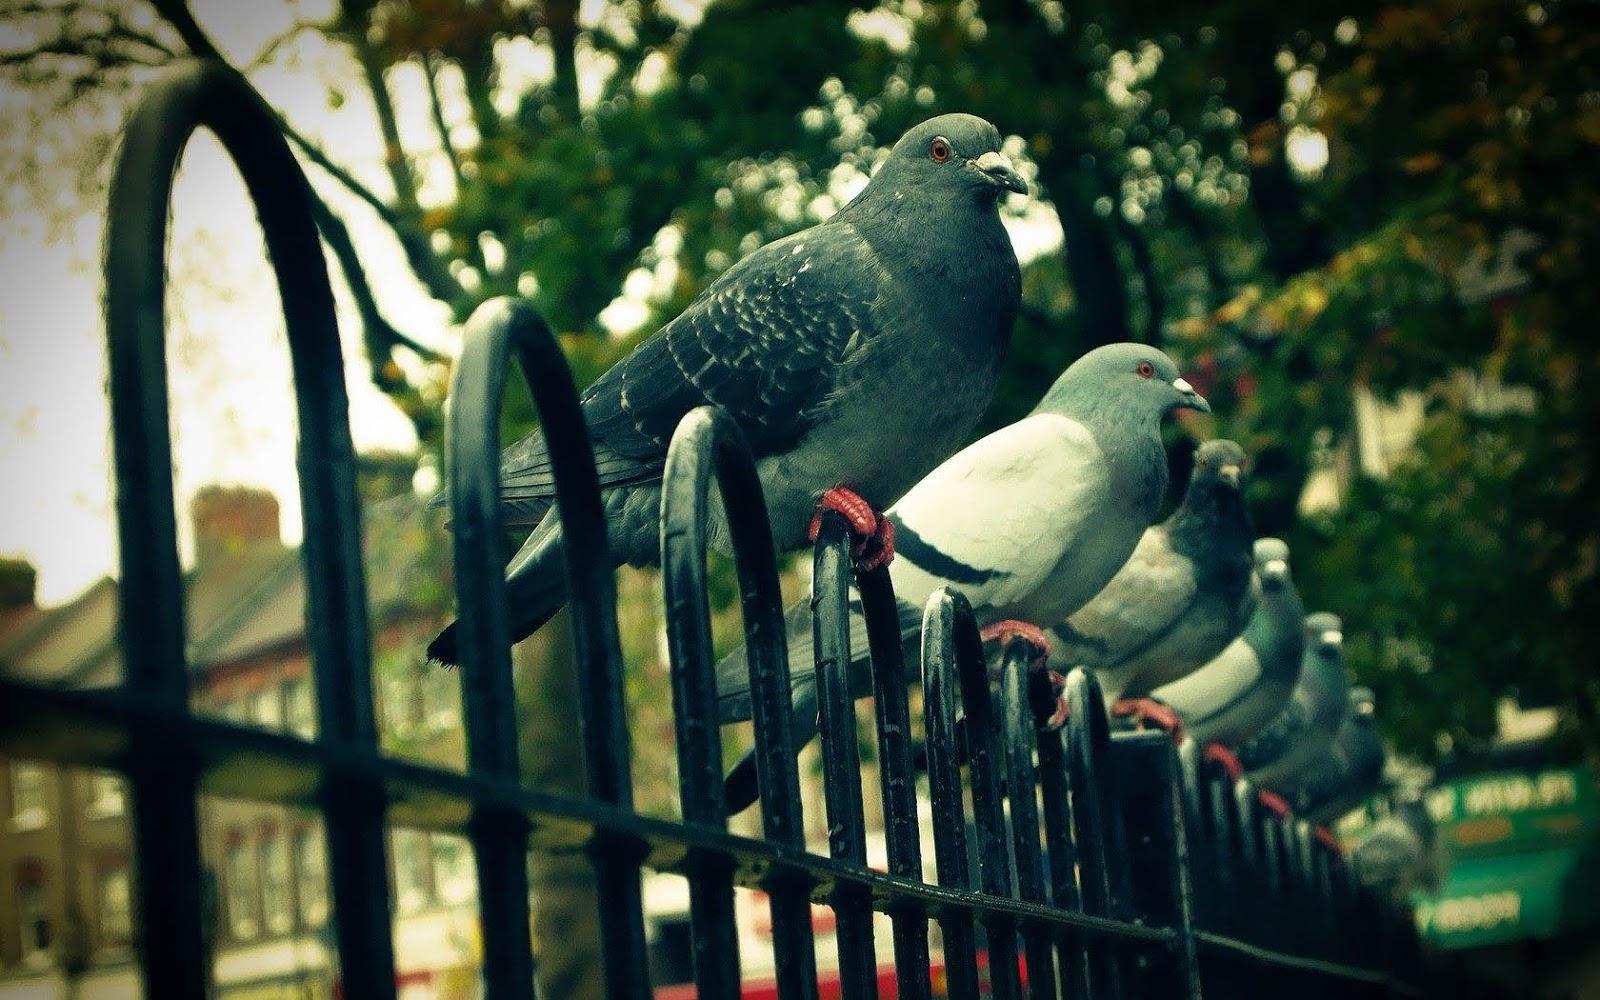 foto-van-duiven-op-een-hek-hd-duiven-wallpaper